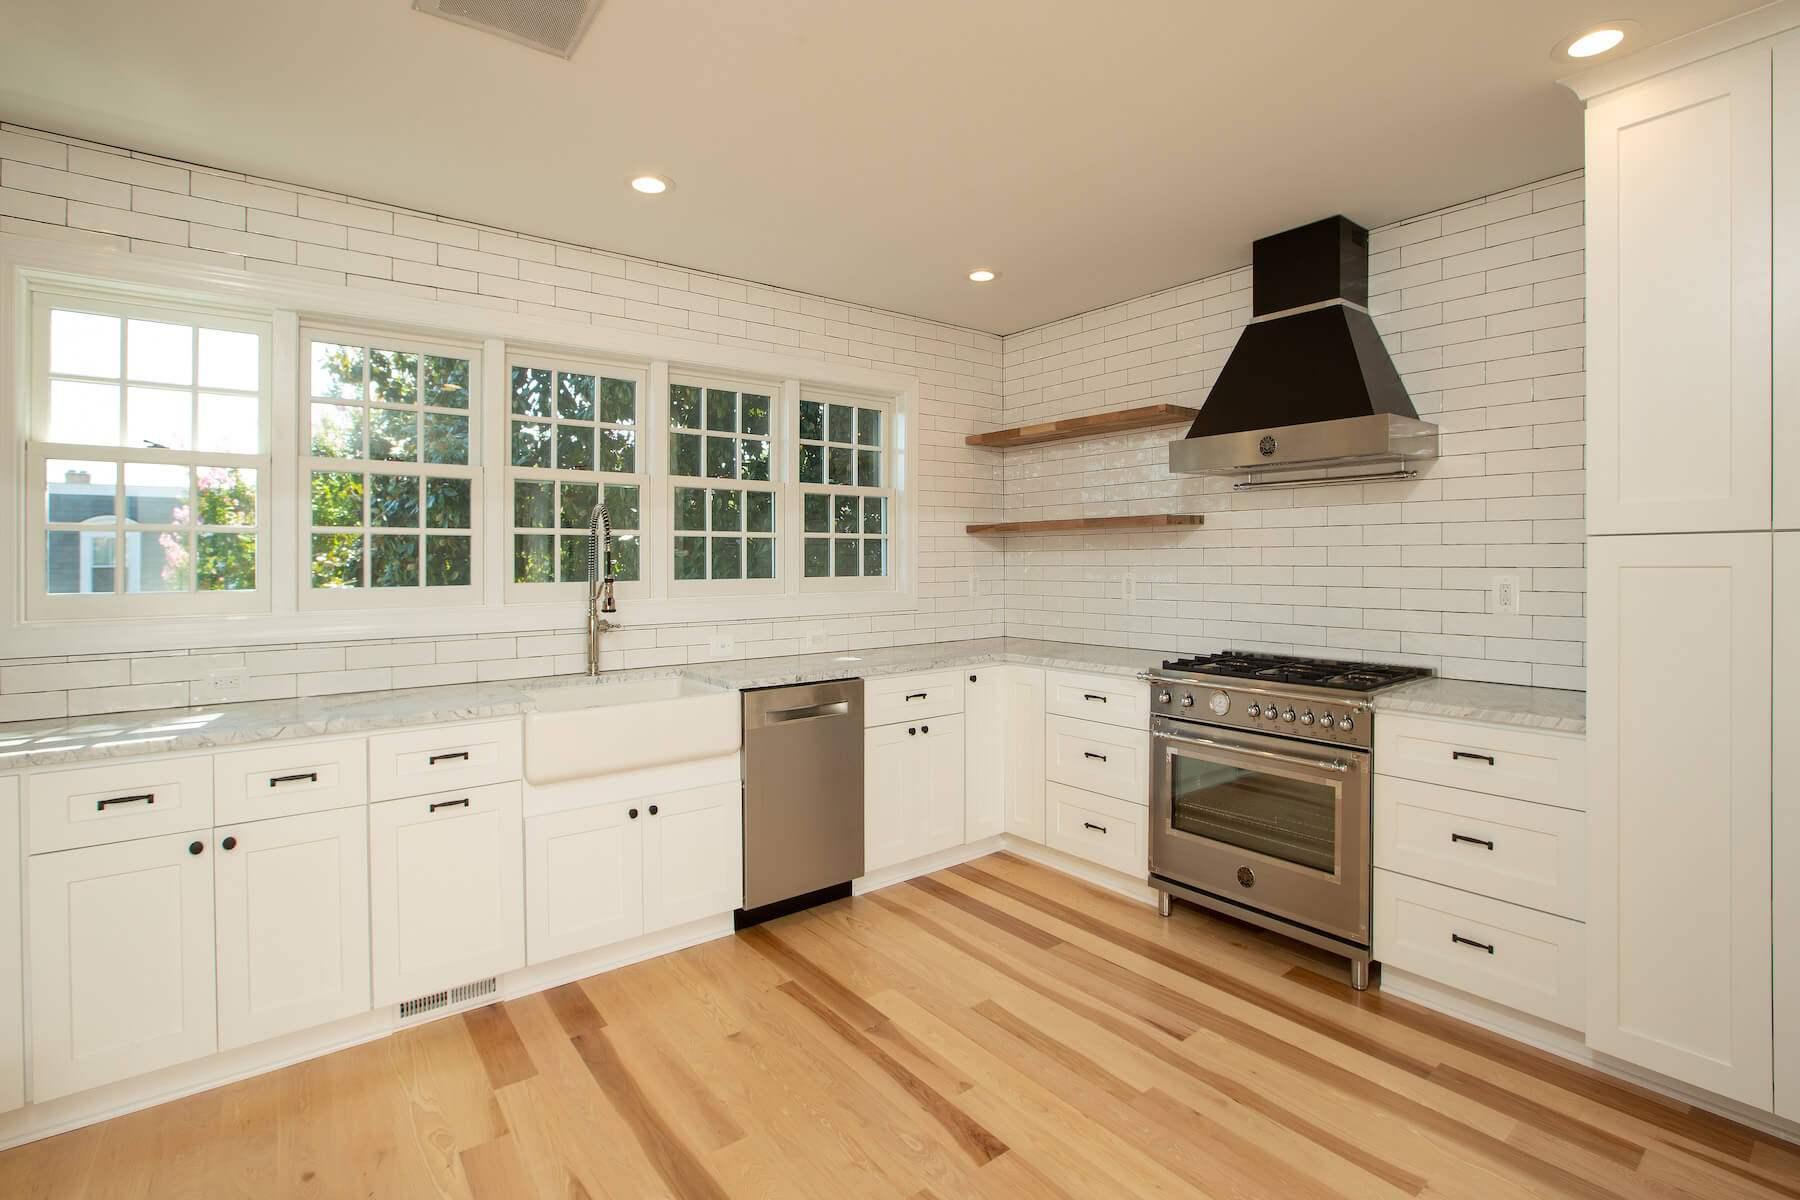 kitchen_8-12-2019_736